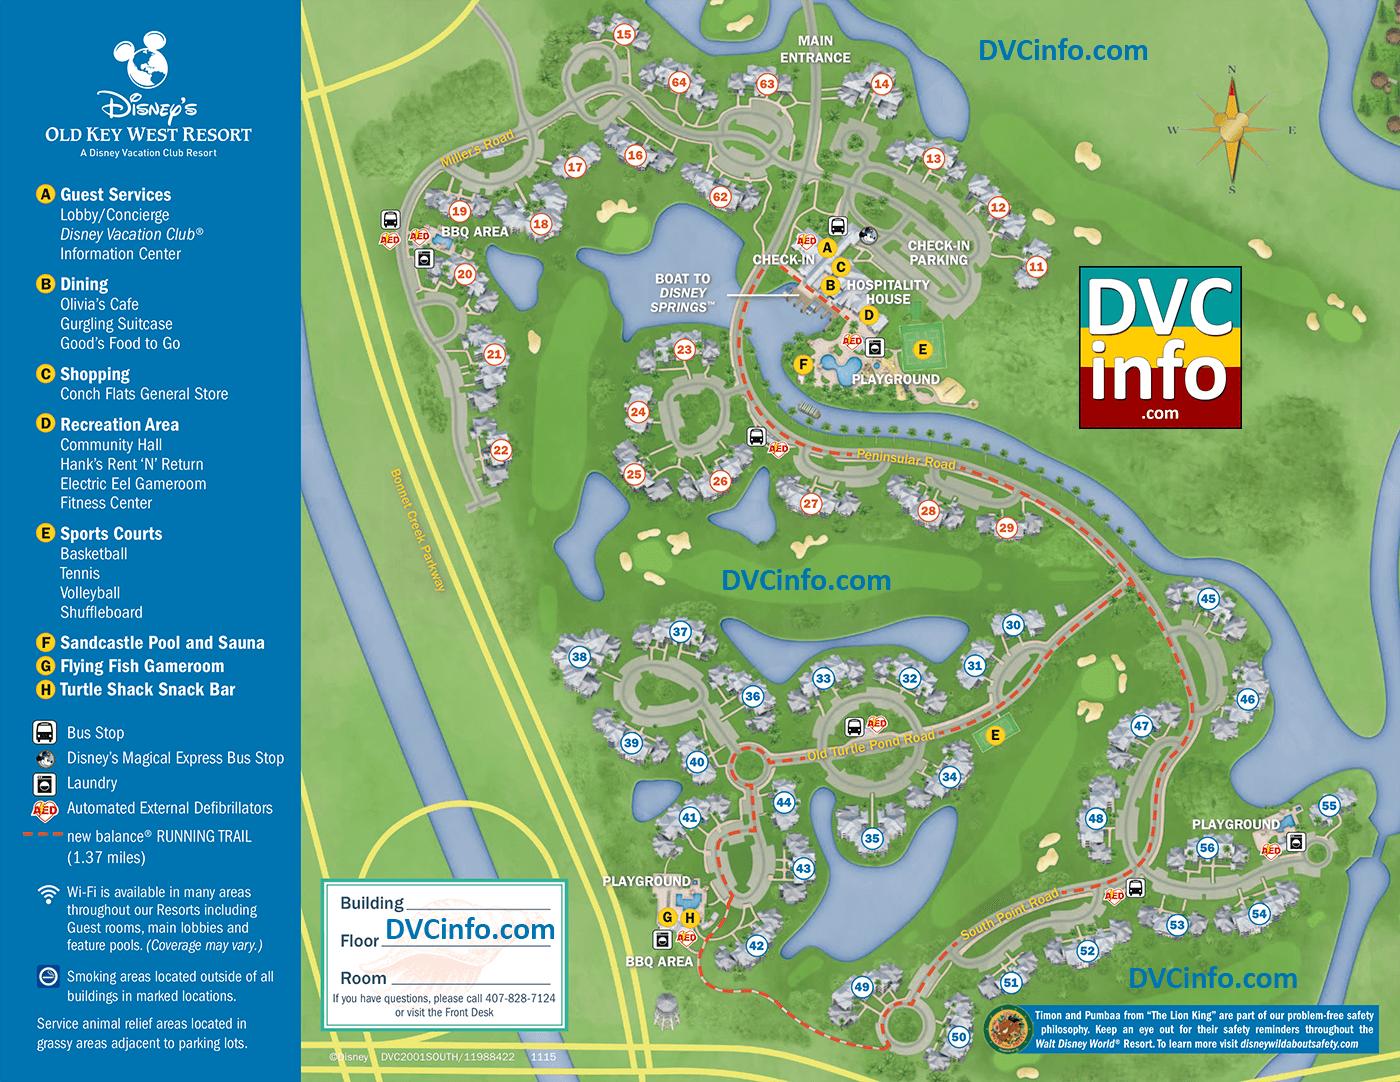 Disney's Old Key West Resort   DVCinfo